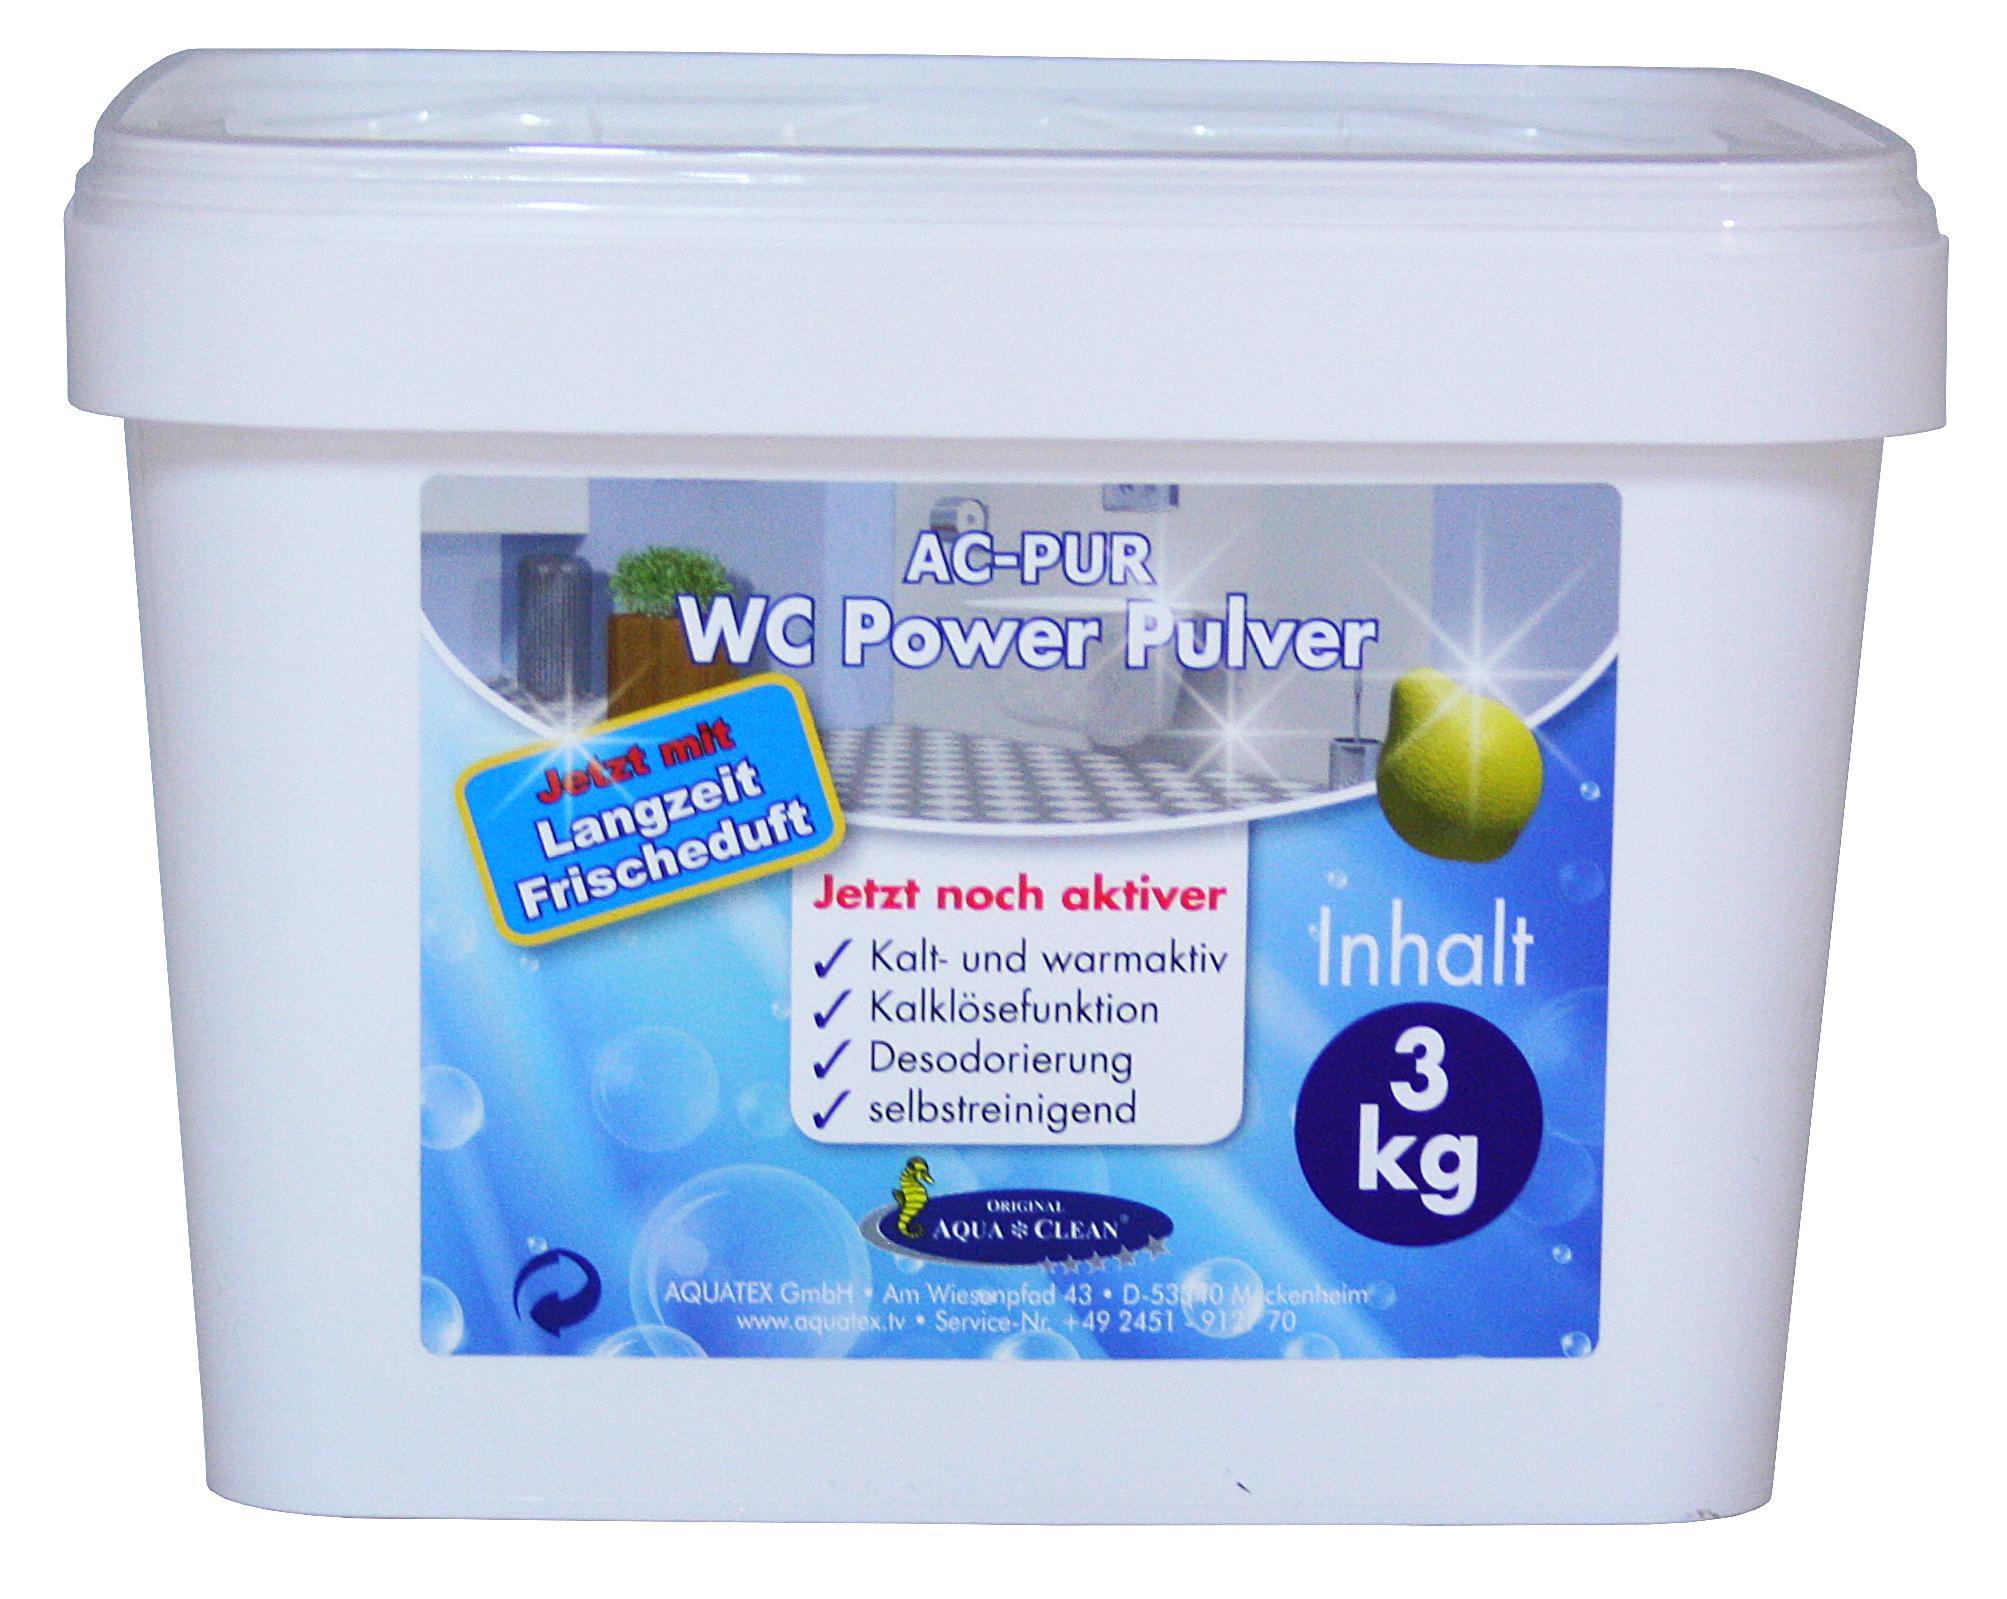 aqua clean wc power pulver 3kg mit langzeit frischduft. Black Bedroom Furniture Sets. Home Design Ideas